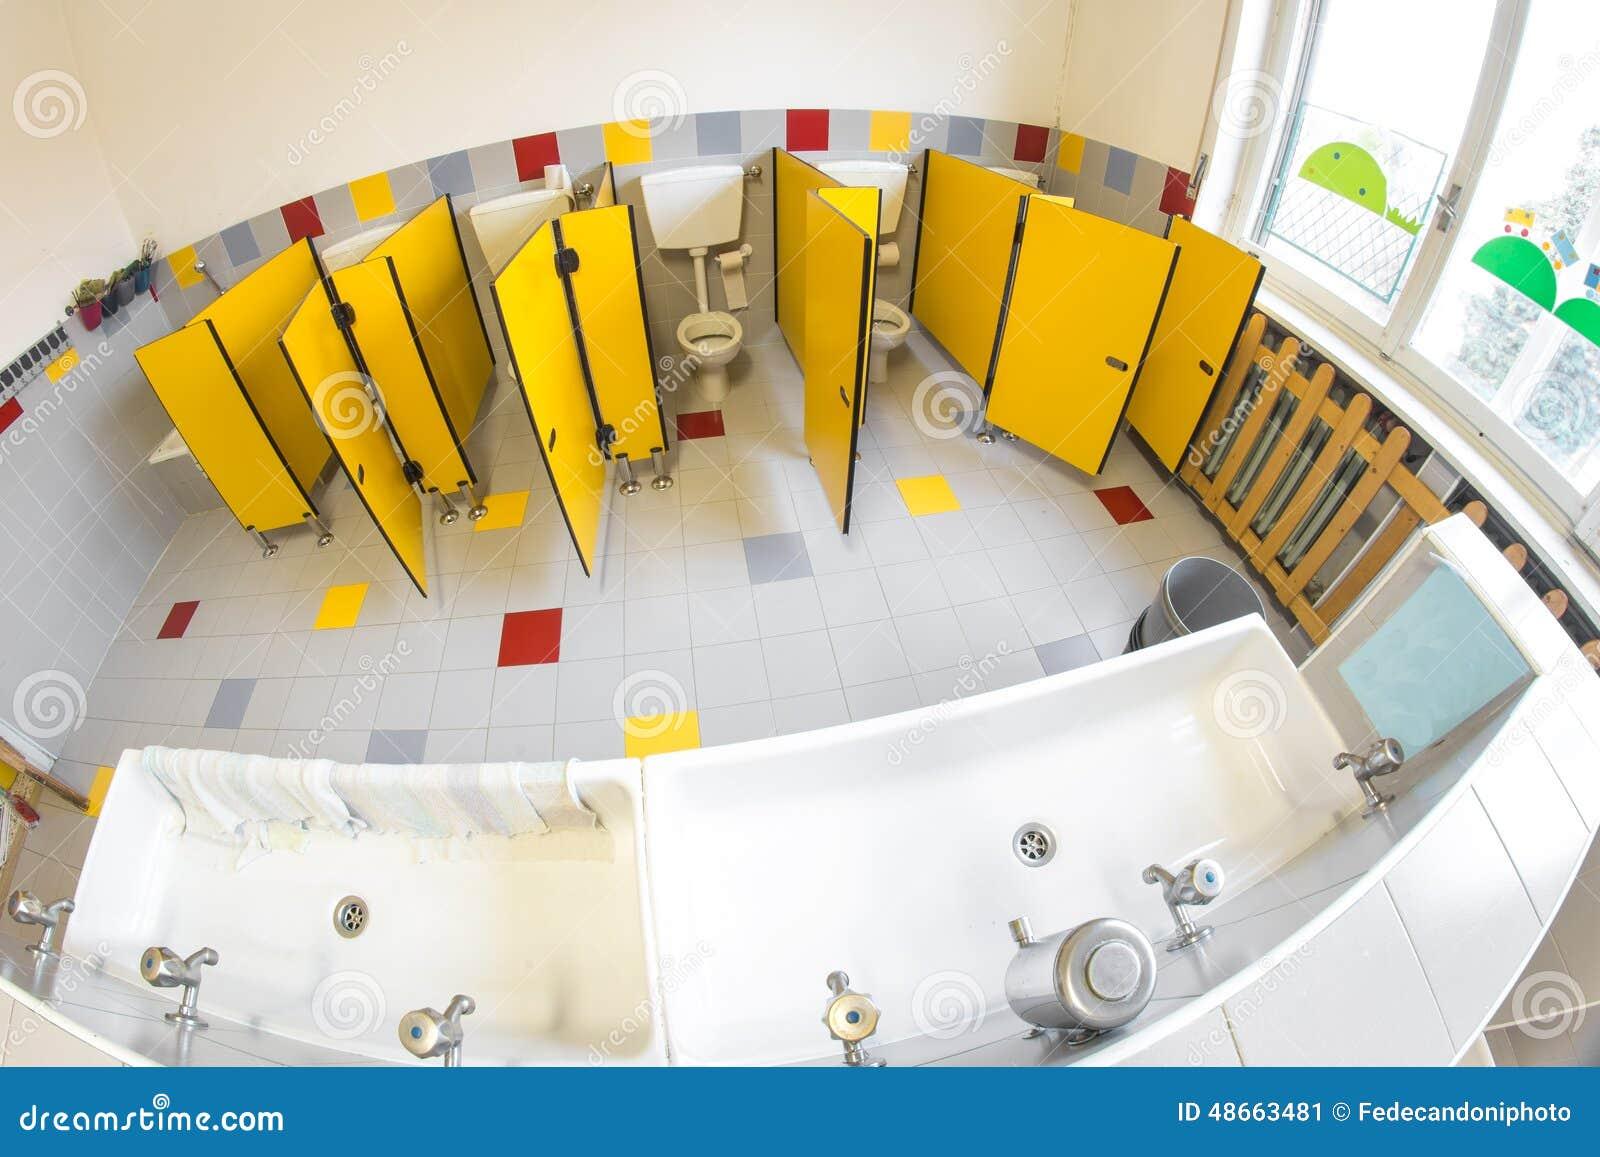 Schön Download Kleines Badezimmer Einer Schule Für Kinder Mit WC Stockbild   Bild  Von Baumschule, Hähne